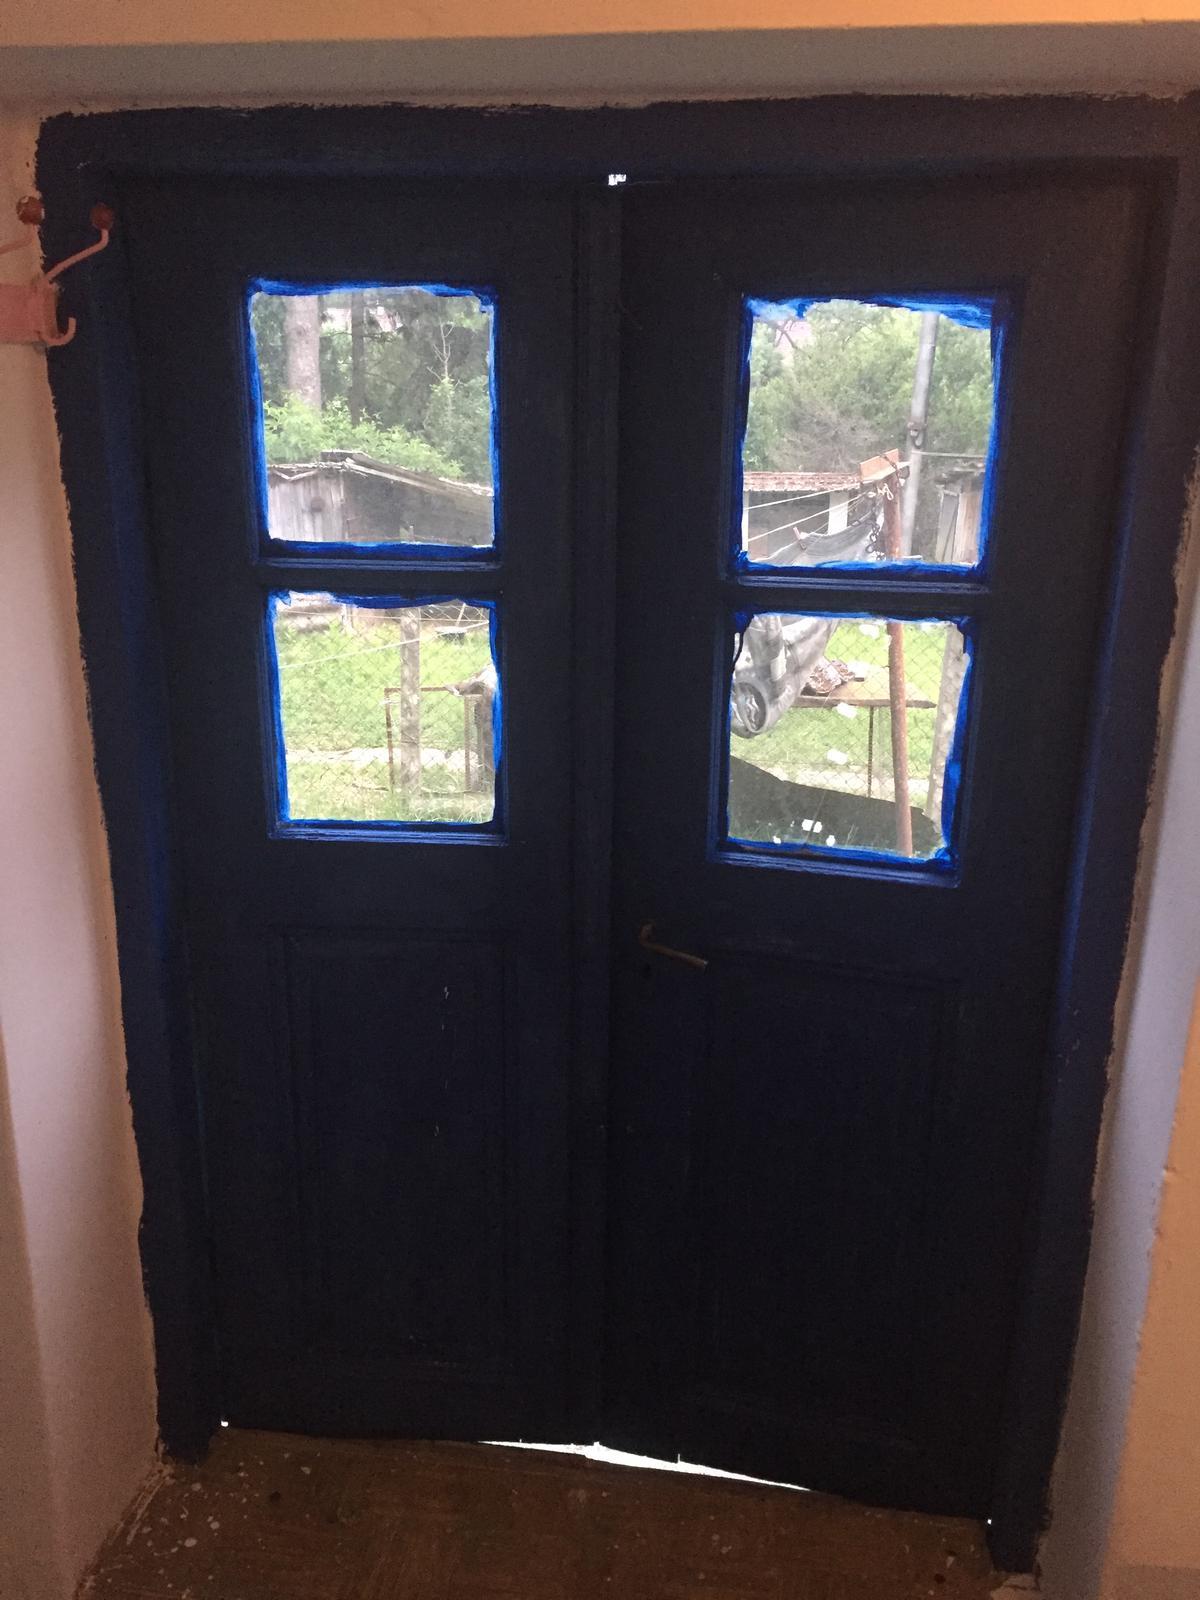 Perníková chalúpka - vstupne dvere